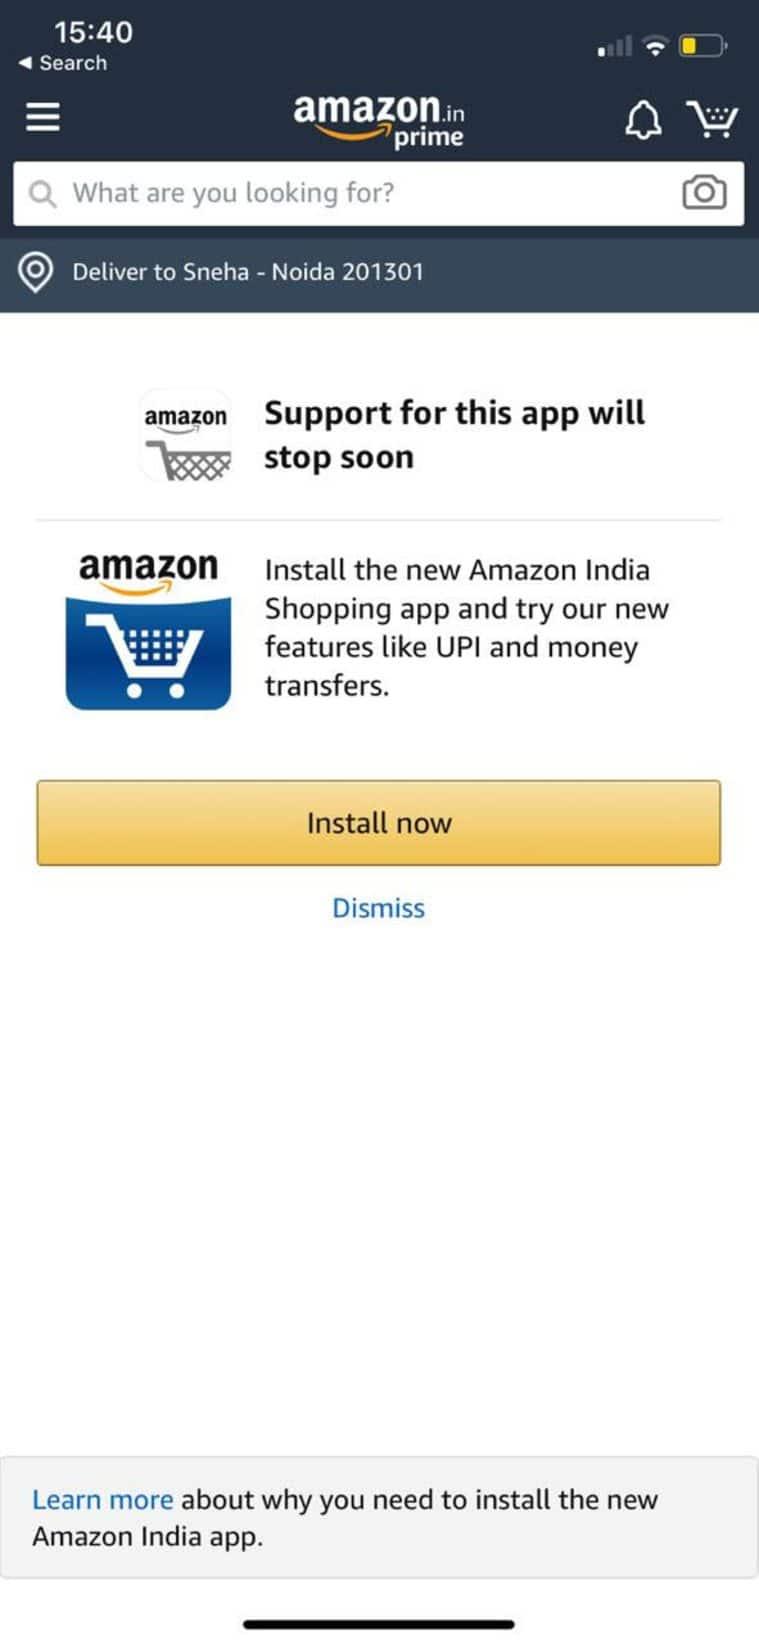 Amazon Prime shutting down